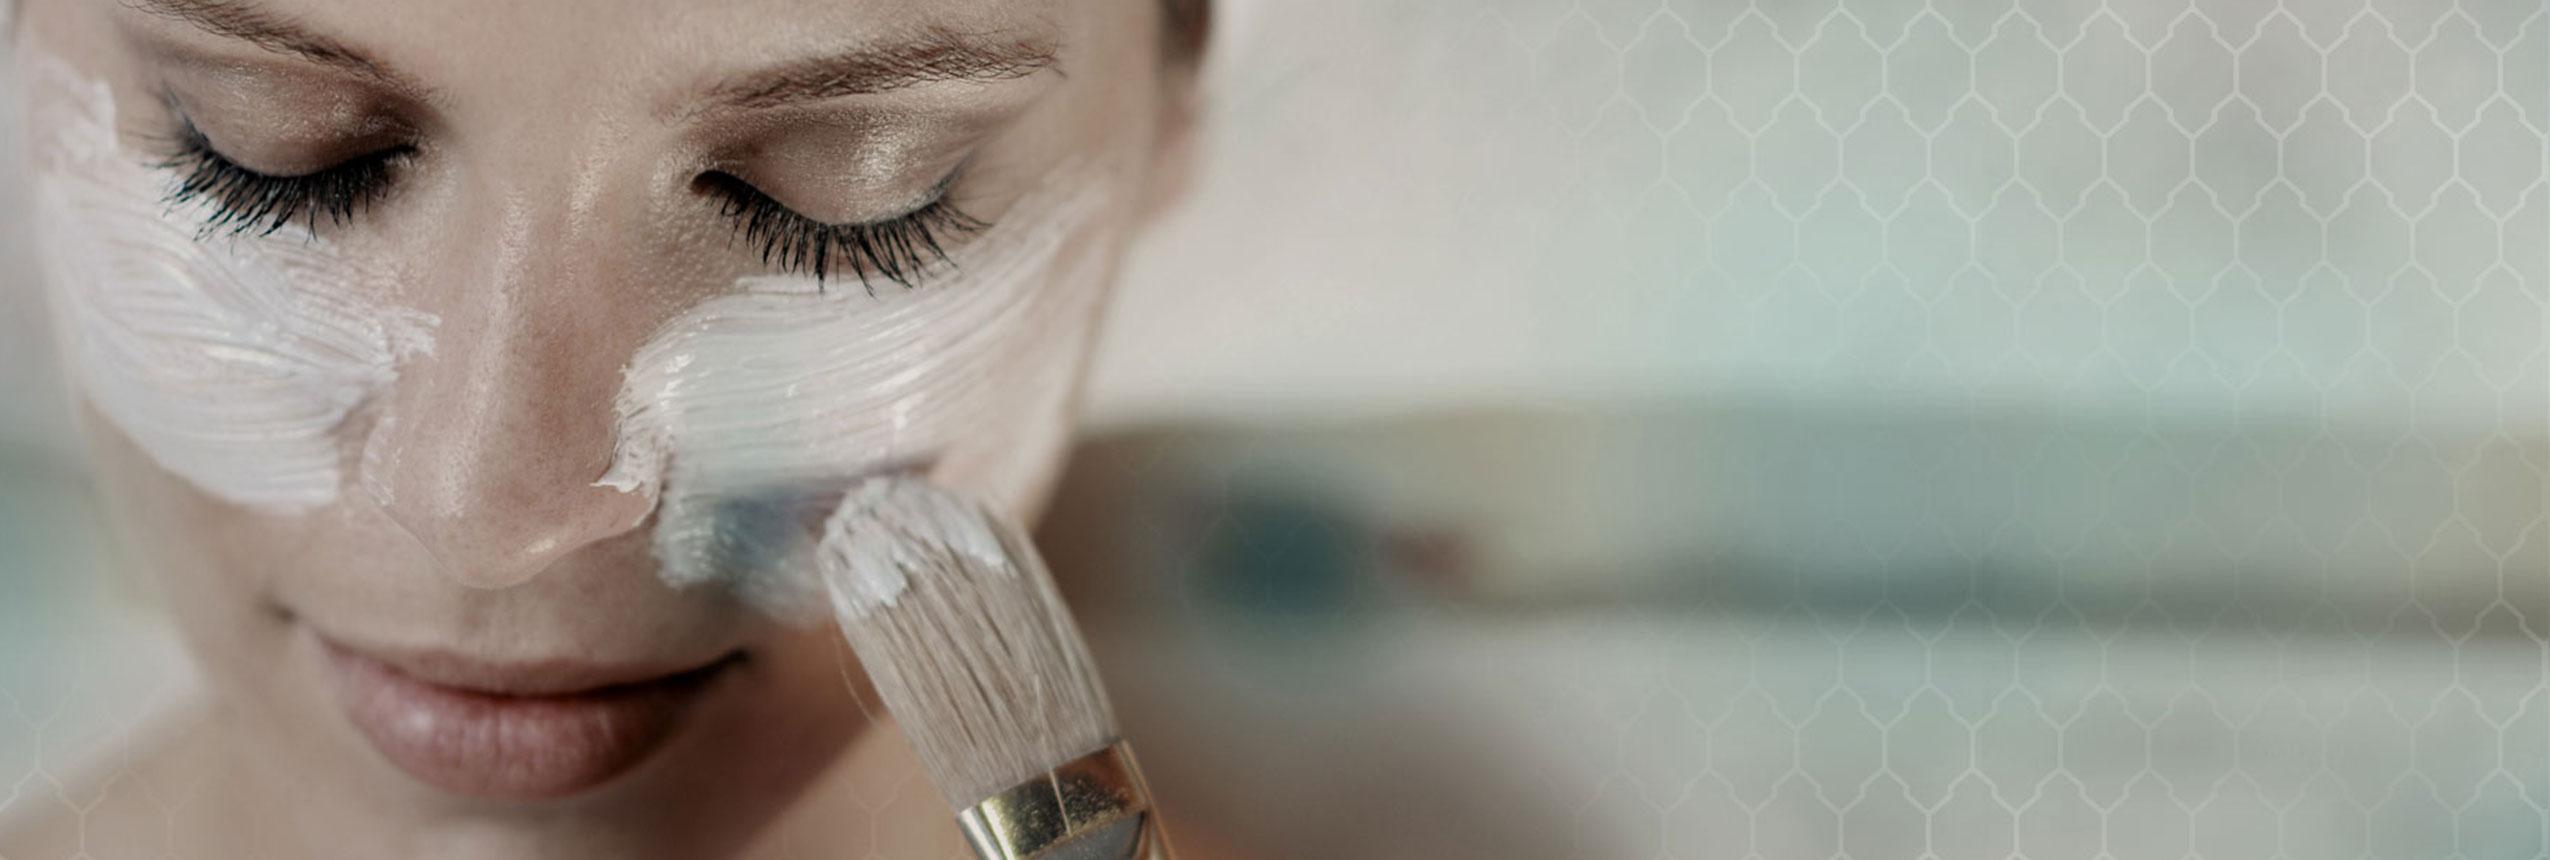 medizinische kosmetik muenchen - Medizinische Kosmetik